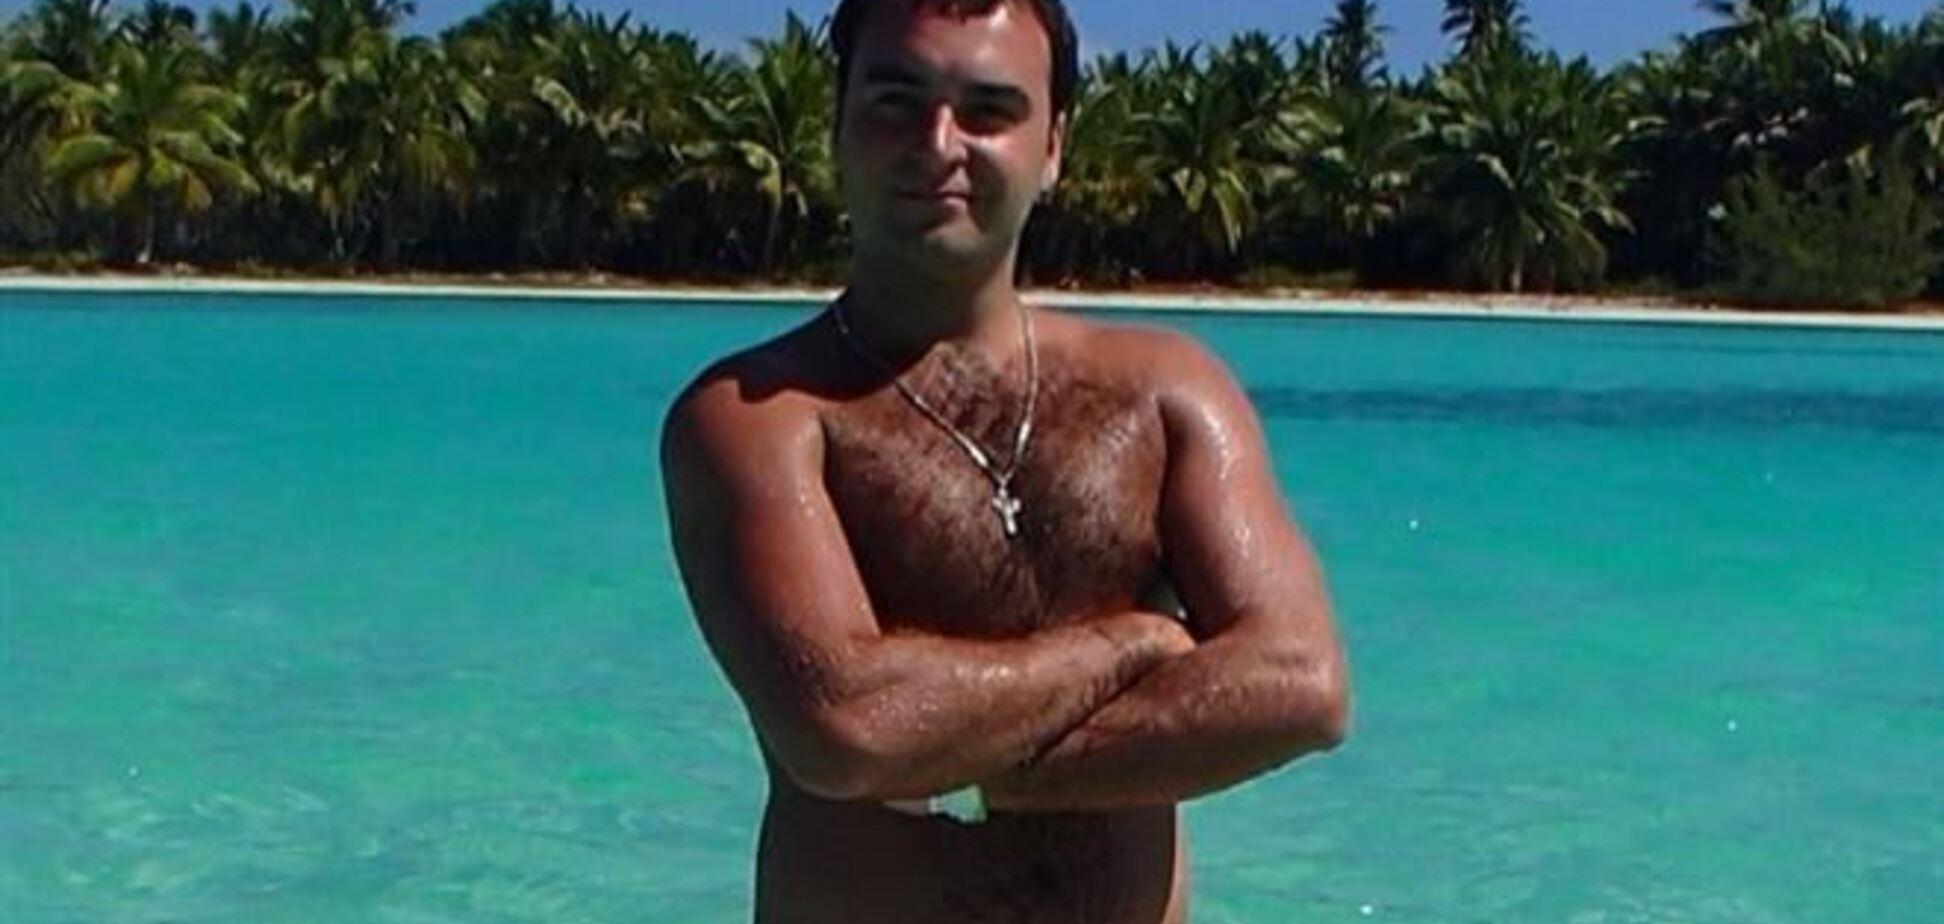 Син екс-нардепа і кума Ющенка 'втік' в Домінікану